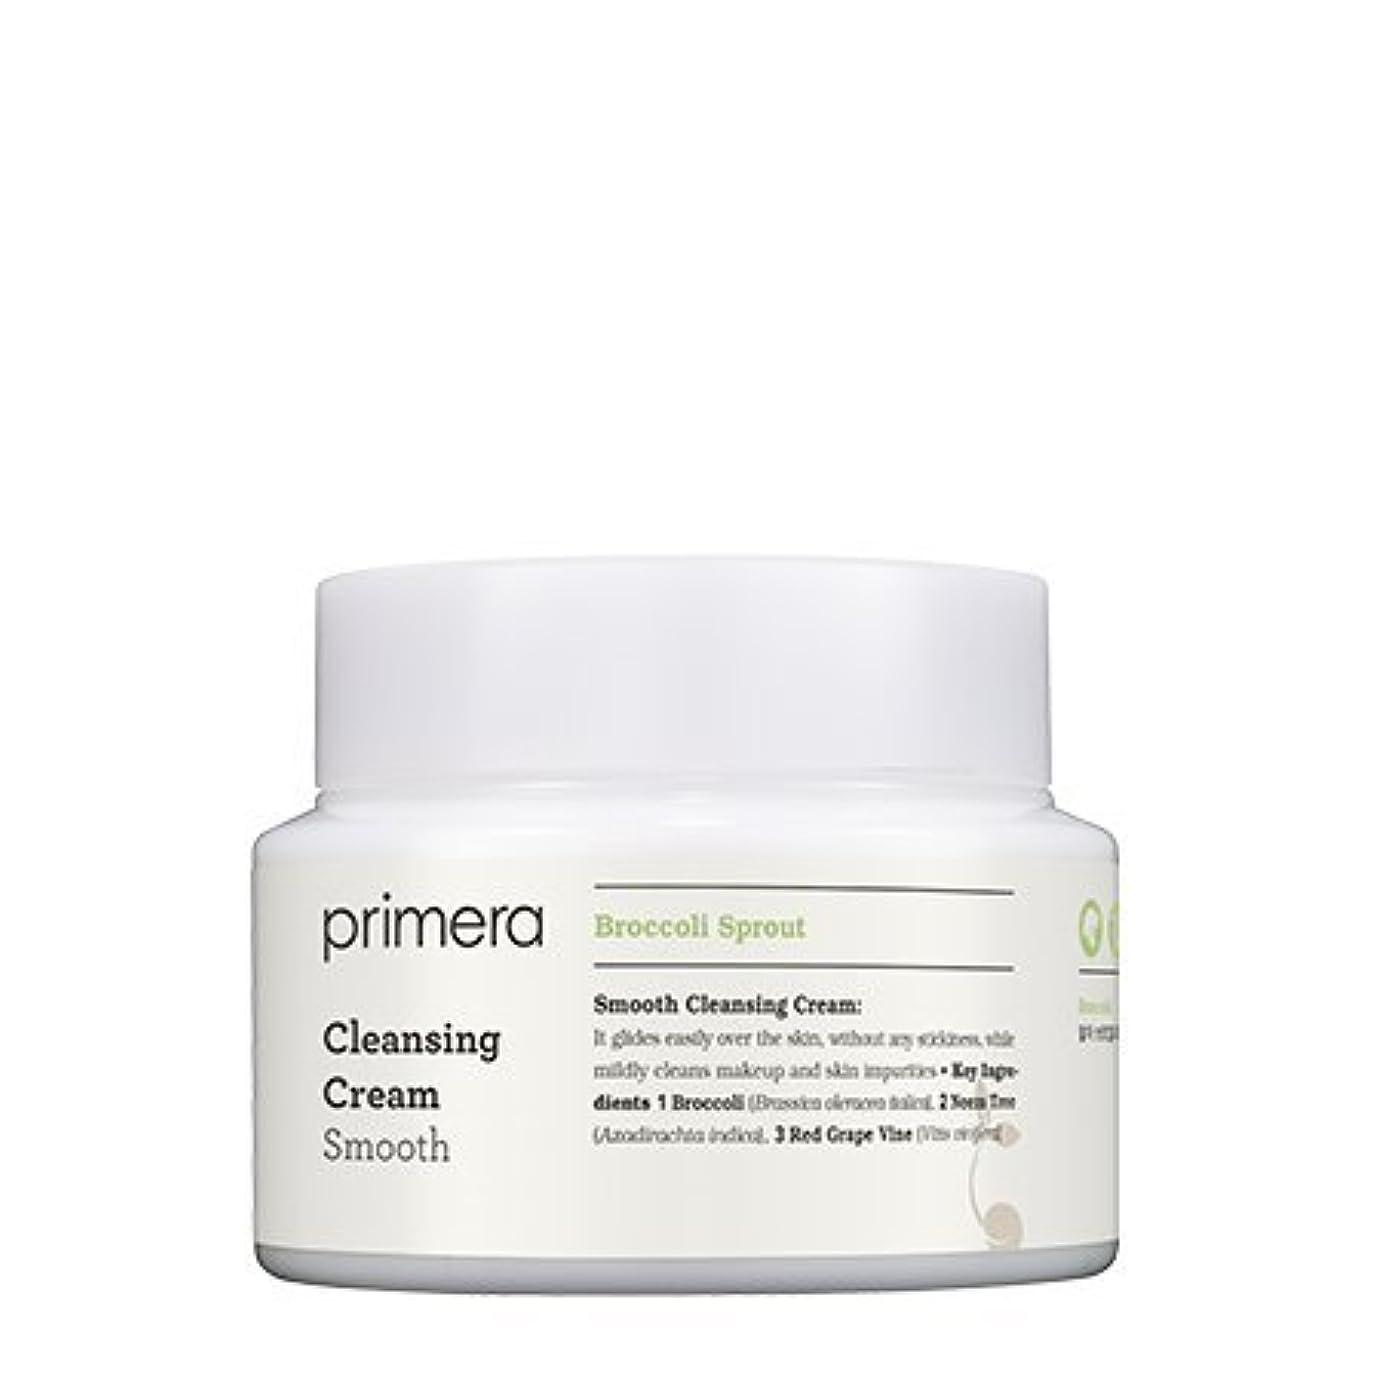 キャンパスとんでもない急性【Primera】Smooth Cleansing Cream - 250g (韓国直送品) (SHOPPINGINSTAGRAM)